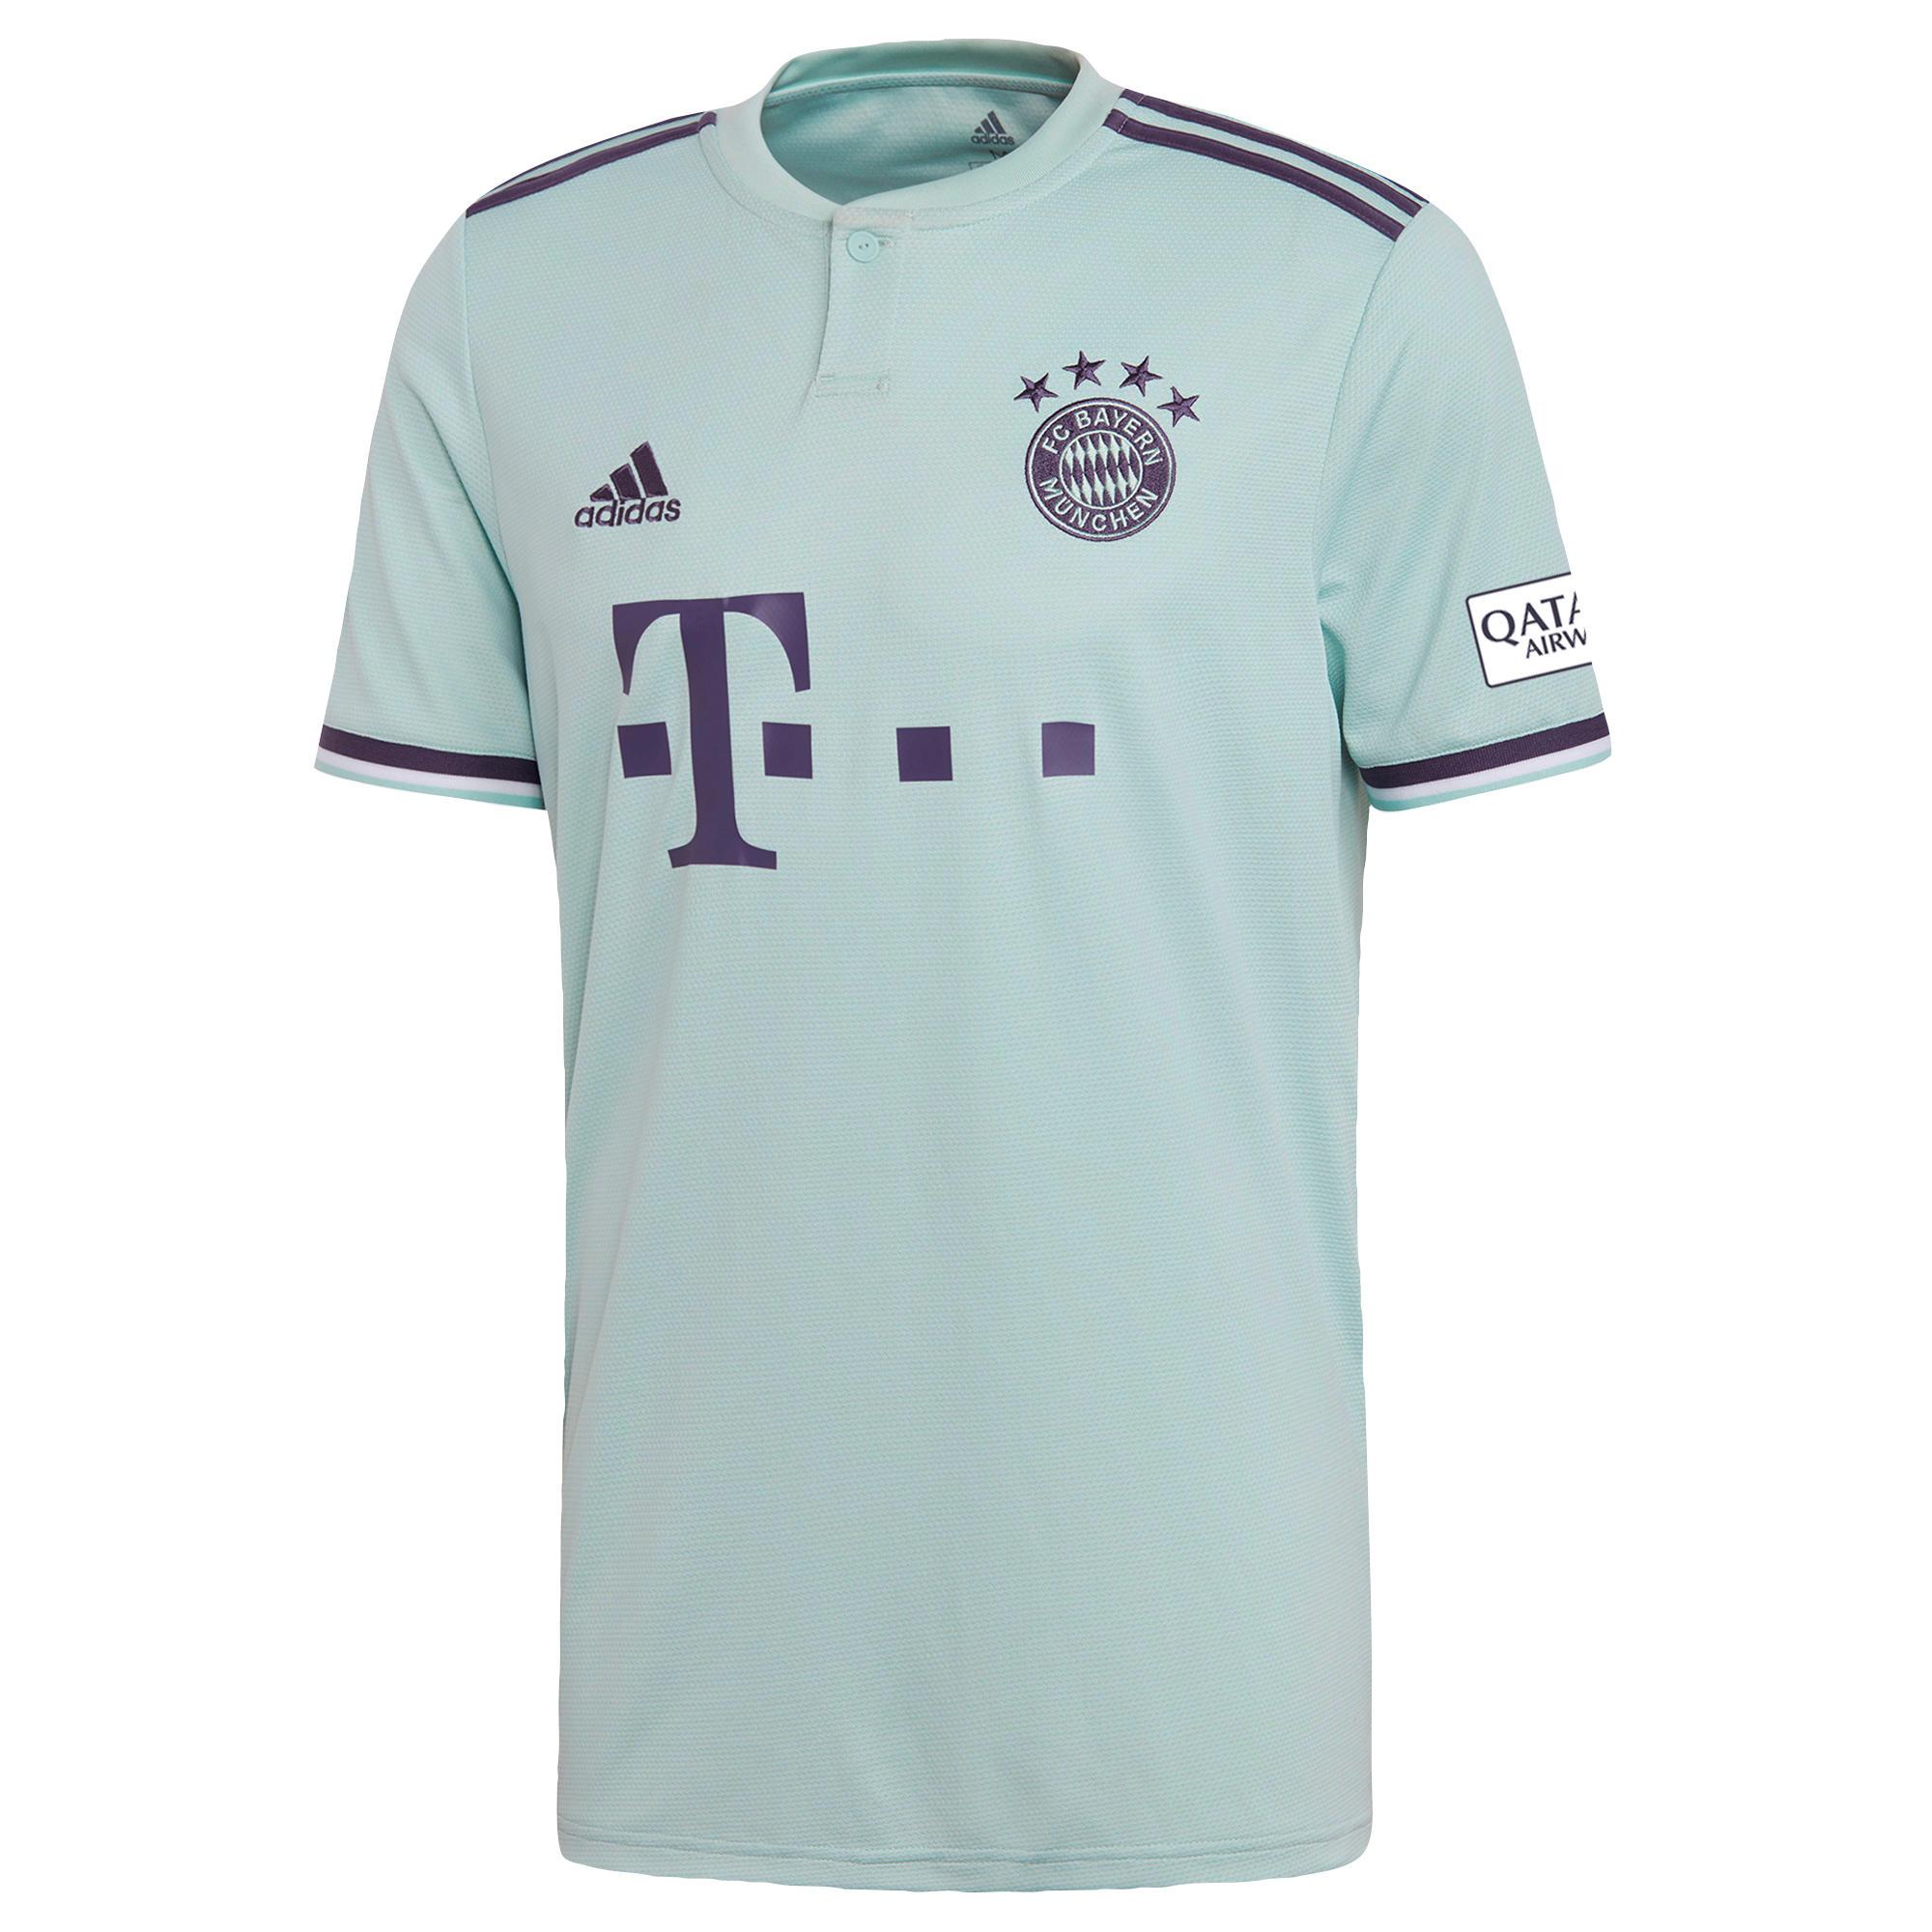 469327f378bb3 Camisetas Oficiales Selecciones y Equipos Fútbol